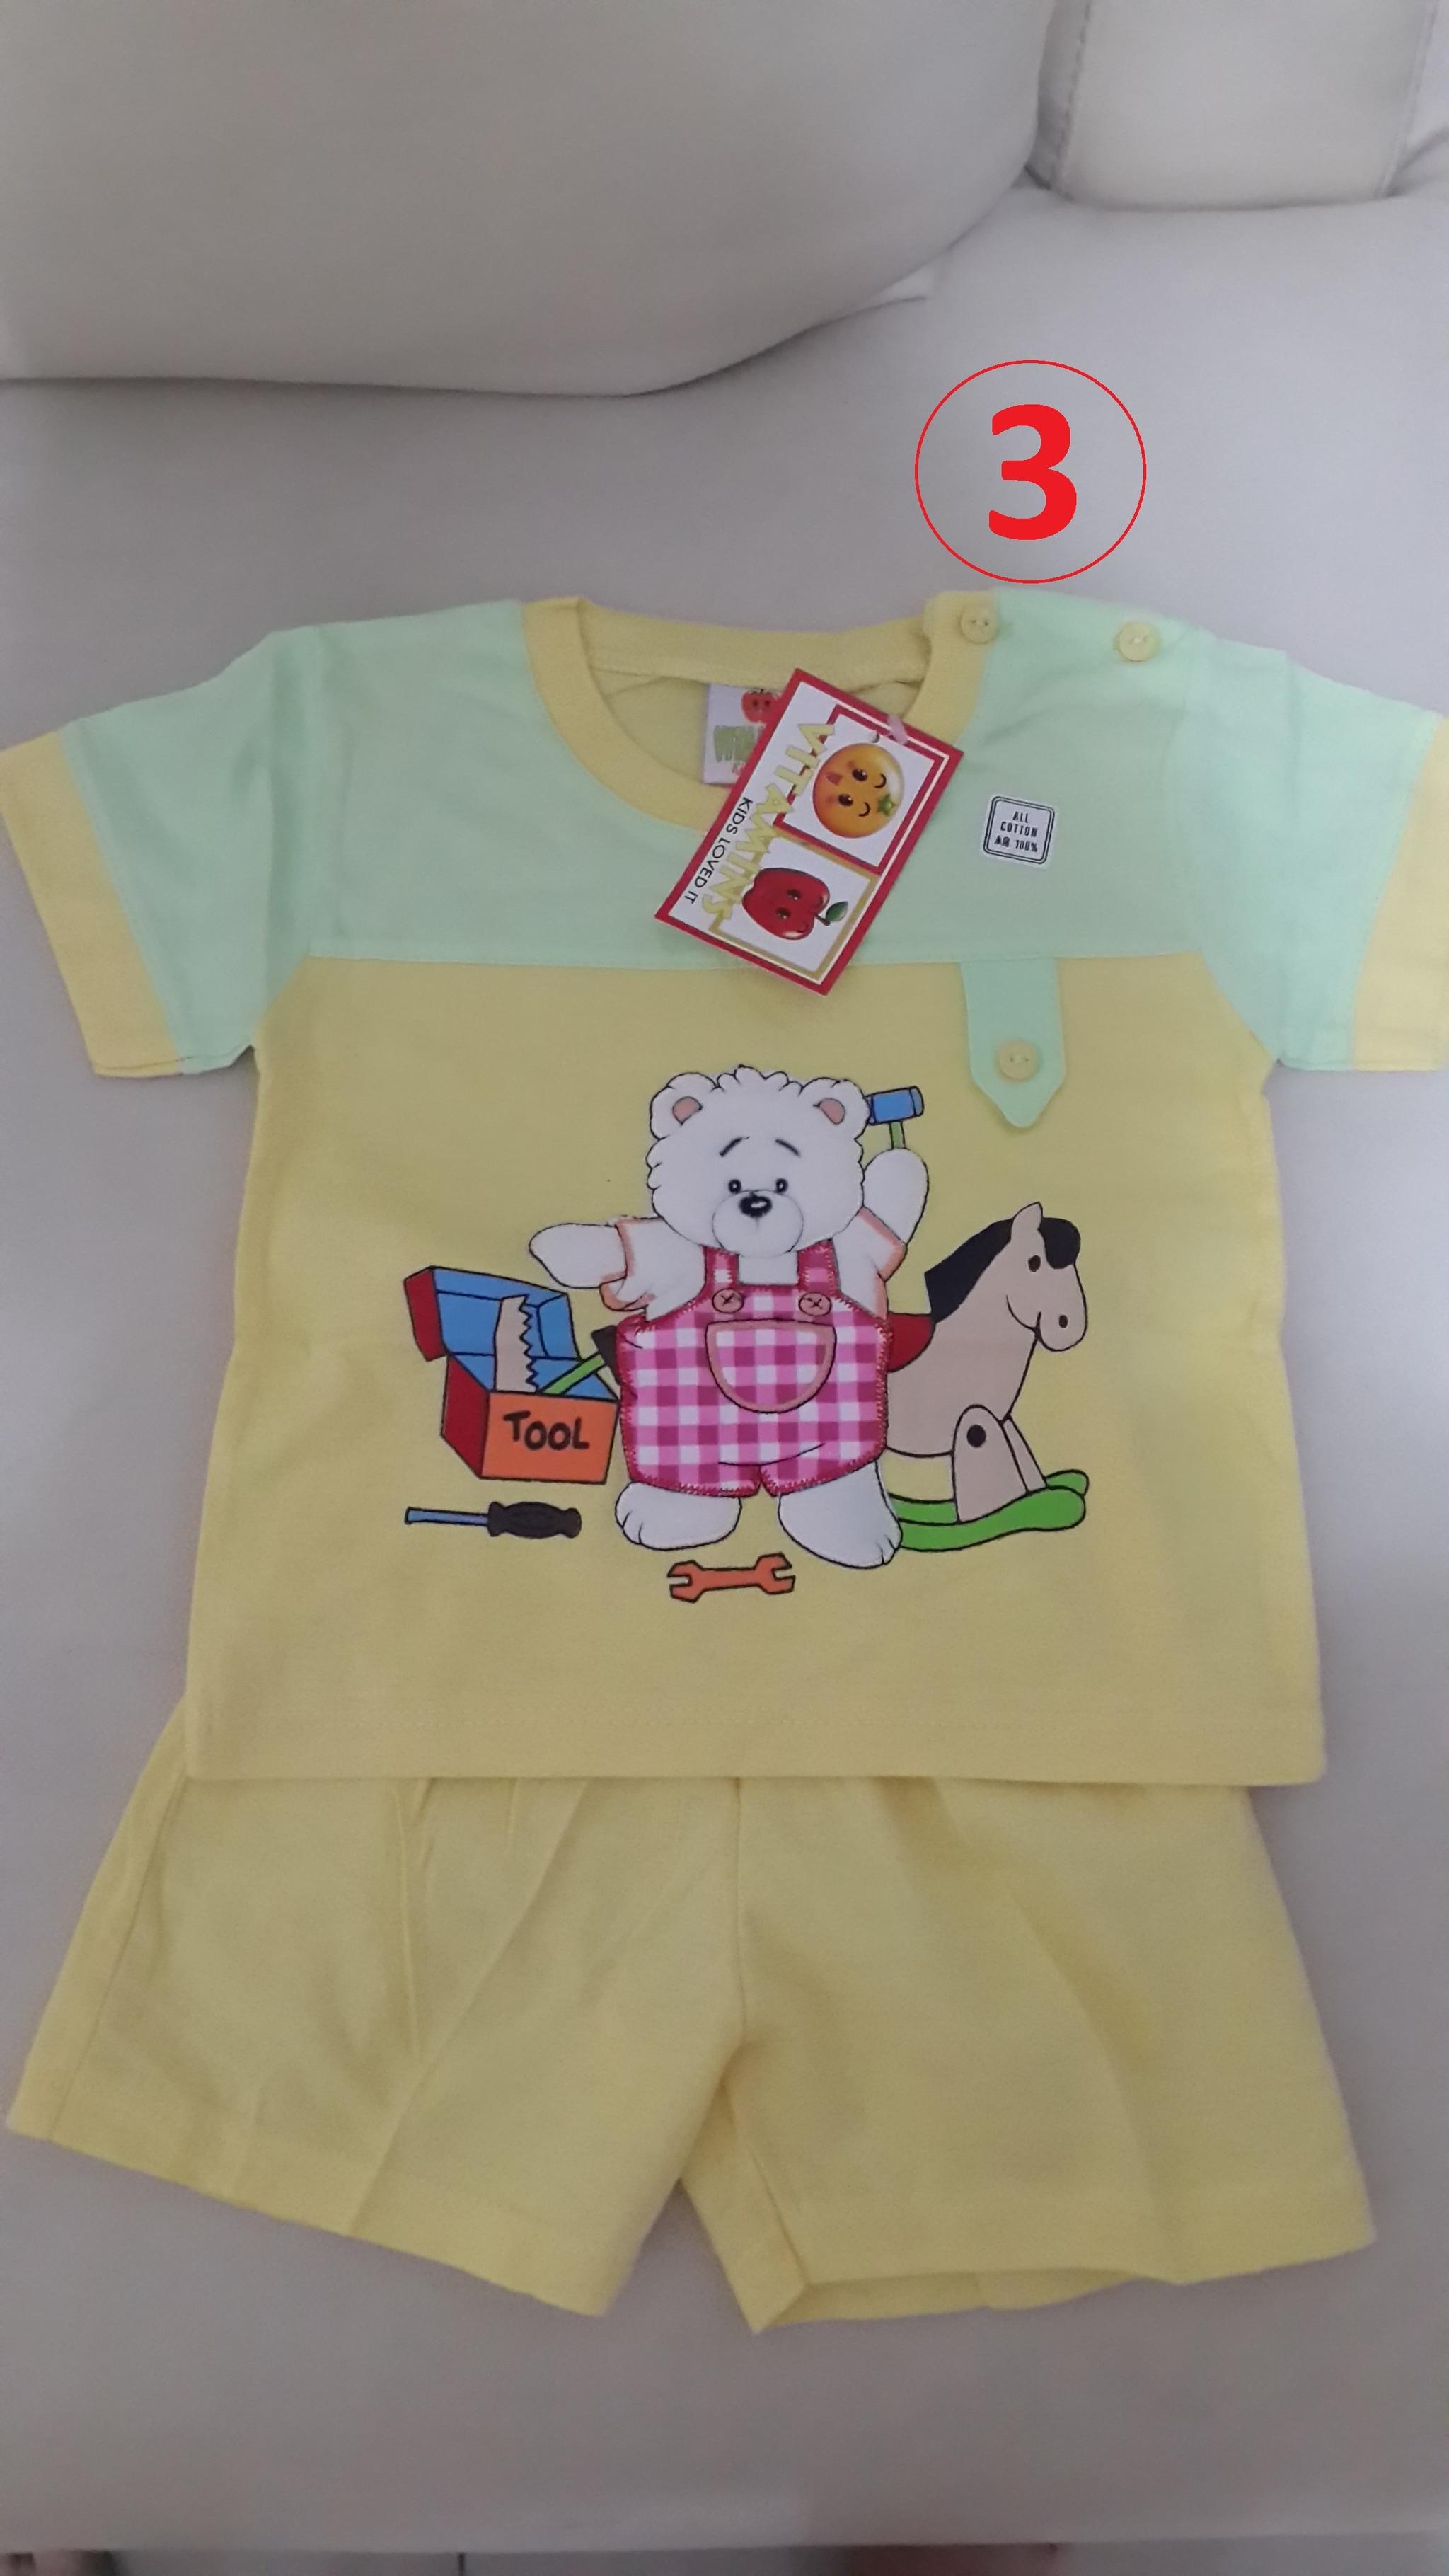 Jual Setelan Anak Laki Laki Baju Anak Laki Baju Anak